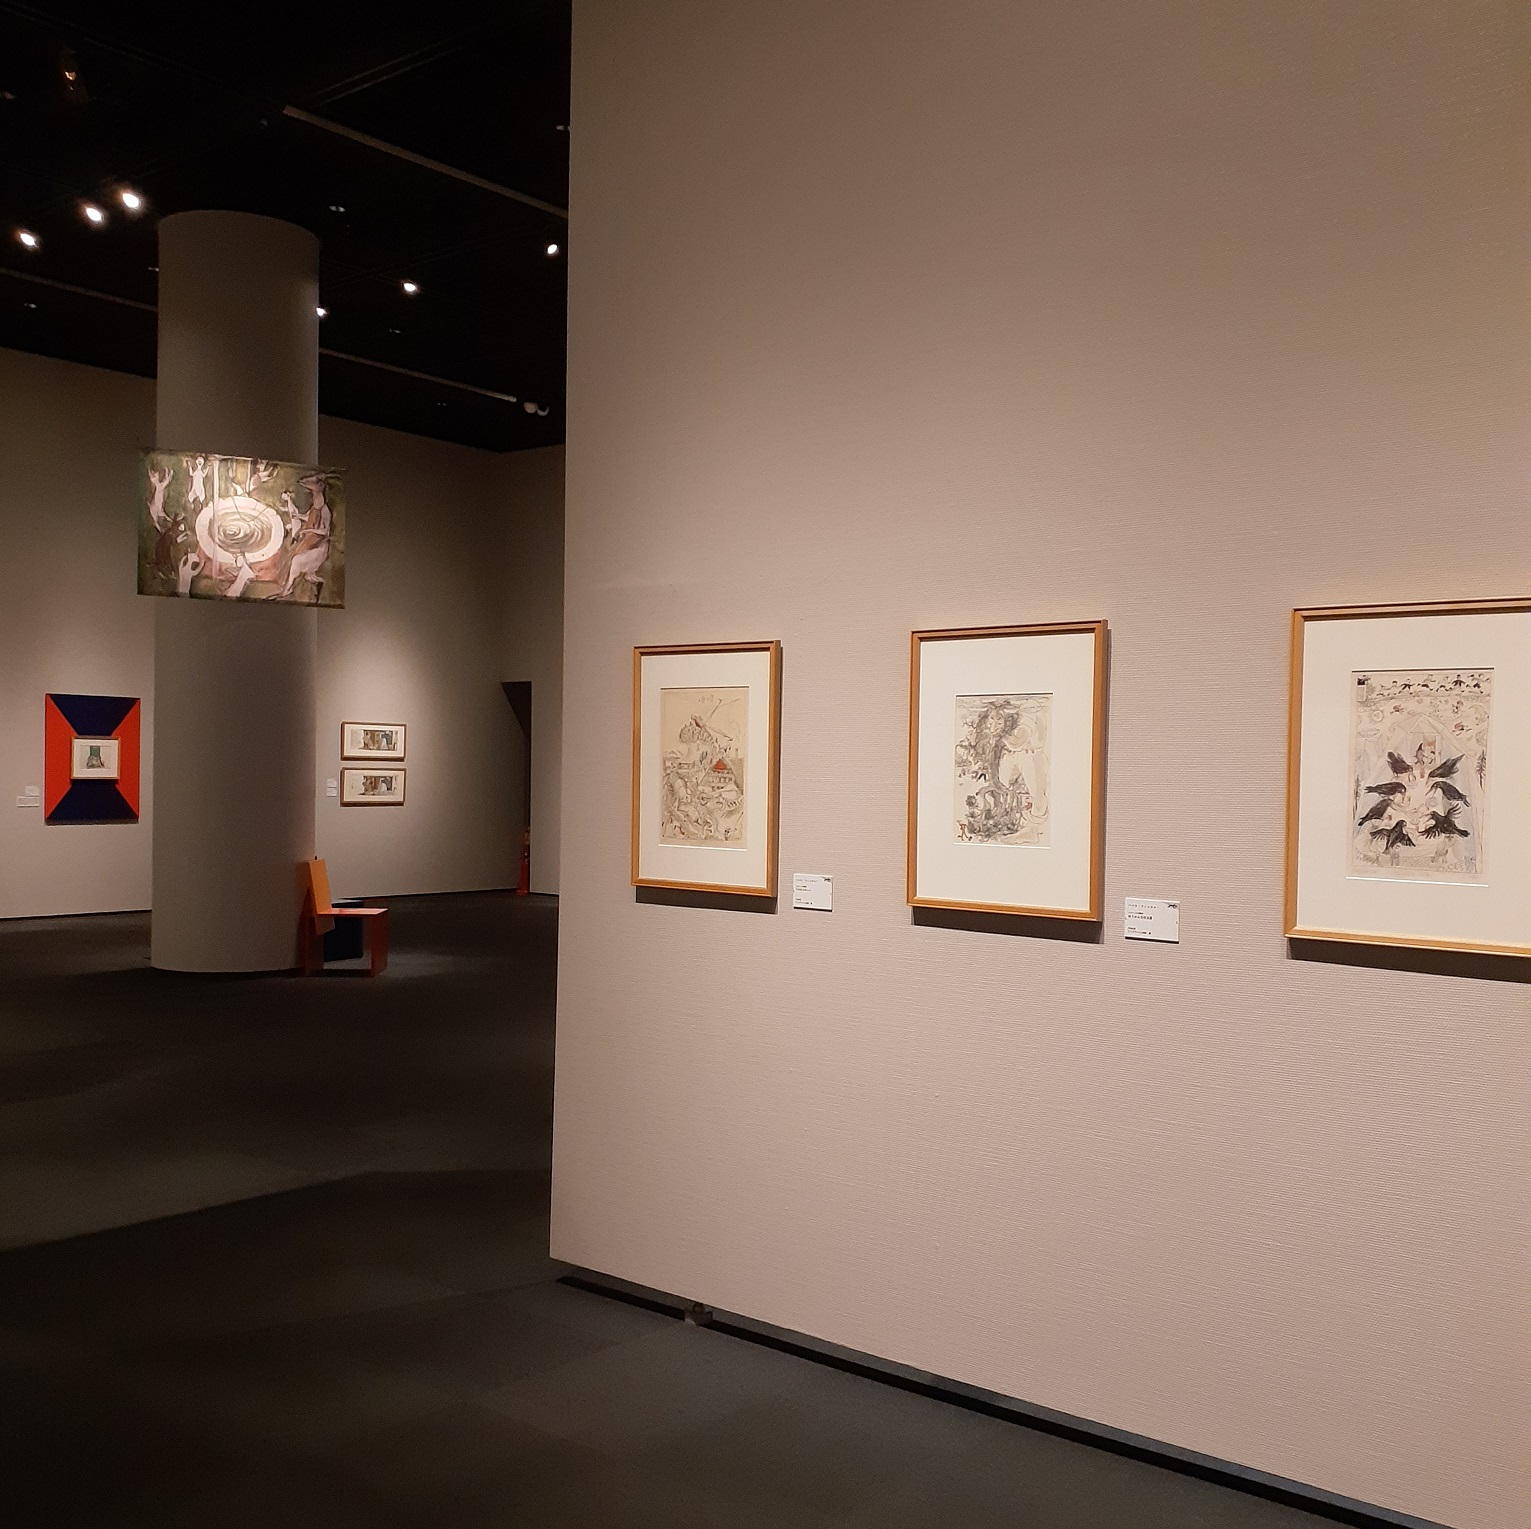 「こわくて、たのしいスイスの絵本展」2/16(火) KISS FM KOBE「4 SEASONS」で紹介されました!